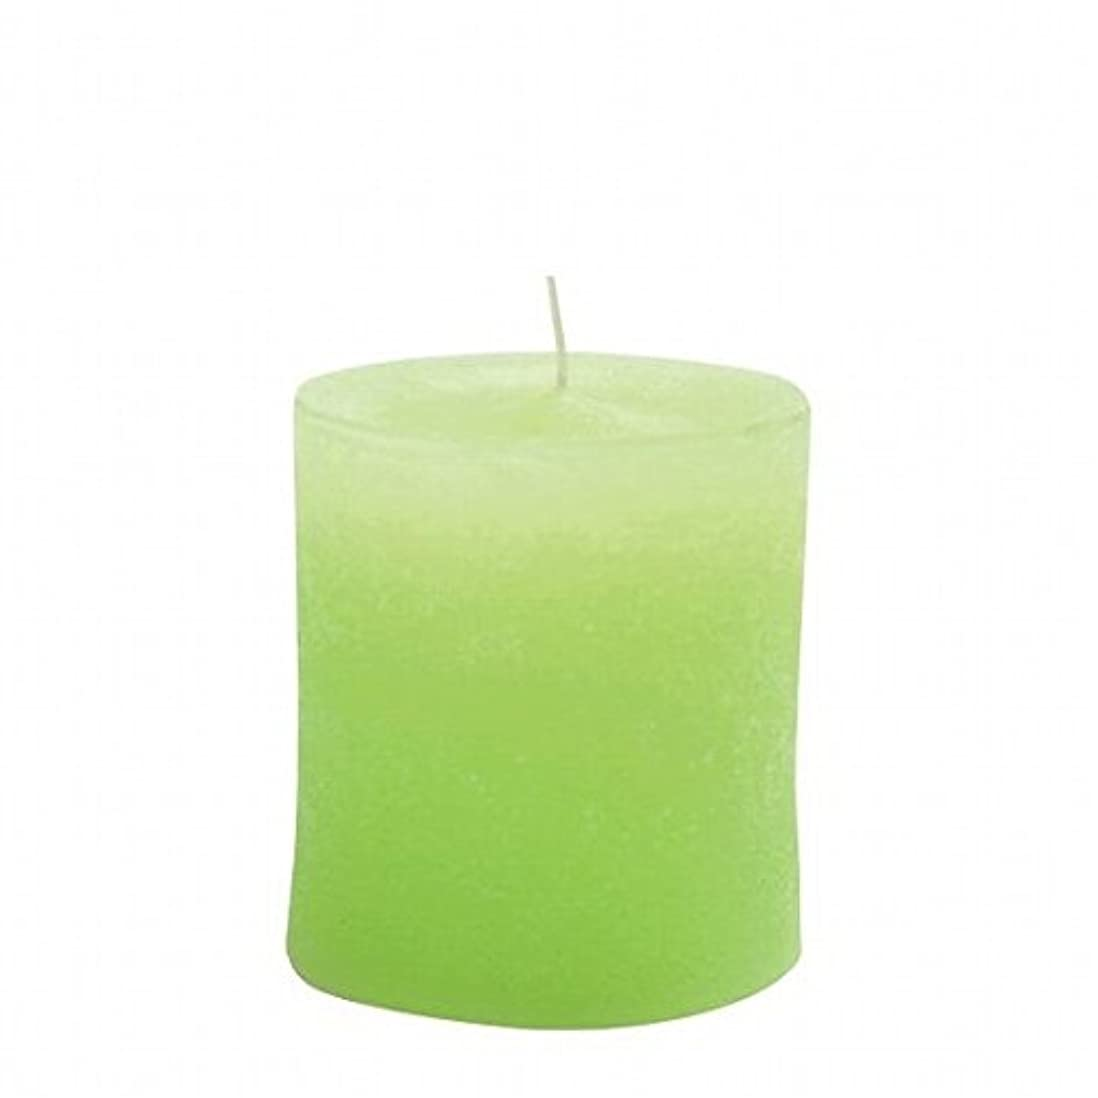 アヒル排他的恐ろしいですkameyama candle(カメヤマキャンドル) ラスティクピラー70×75 「 ライトグリーン 」(A4930010LG)